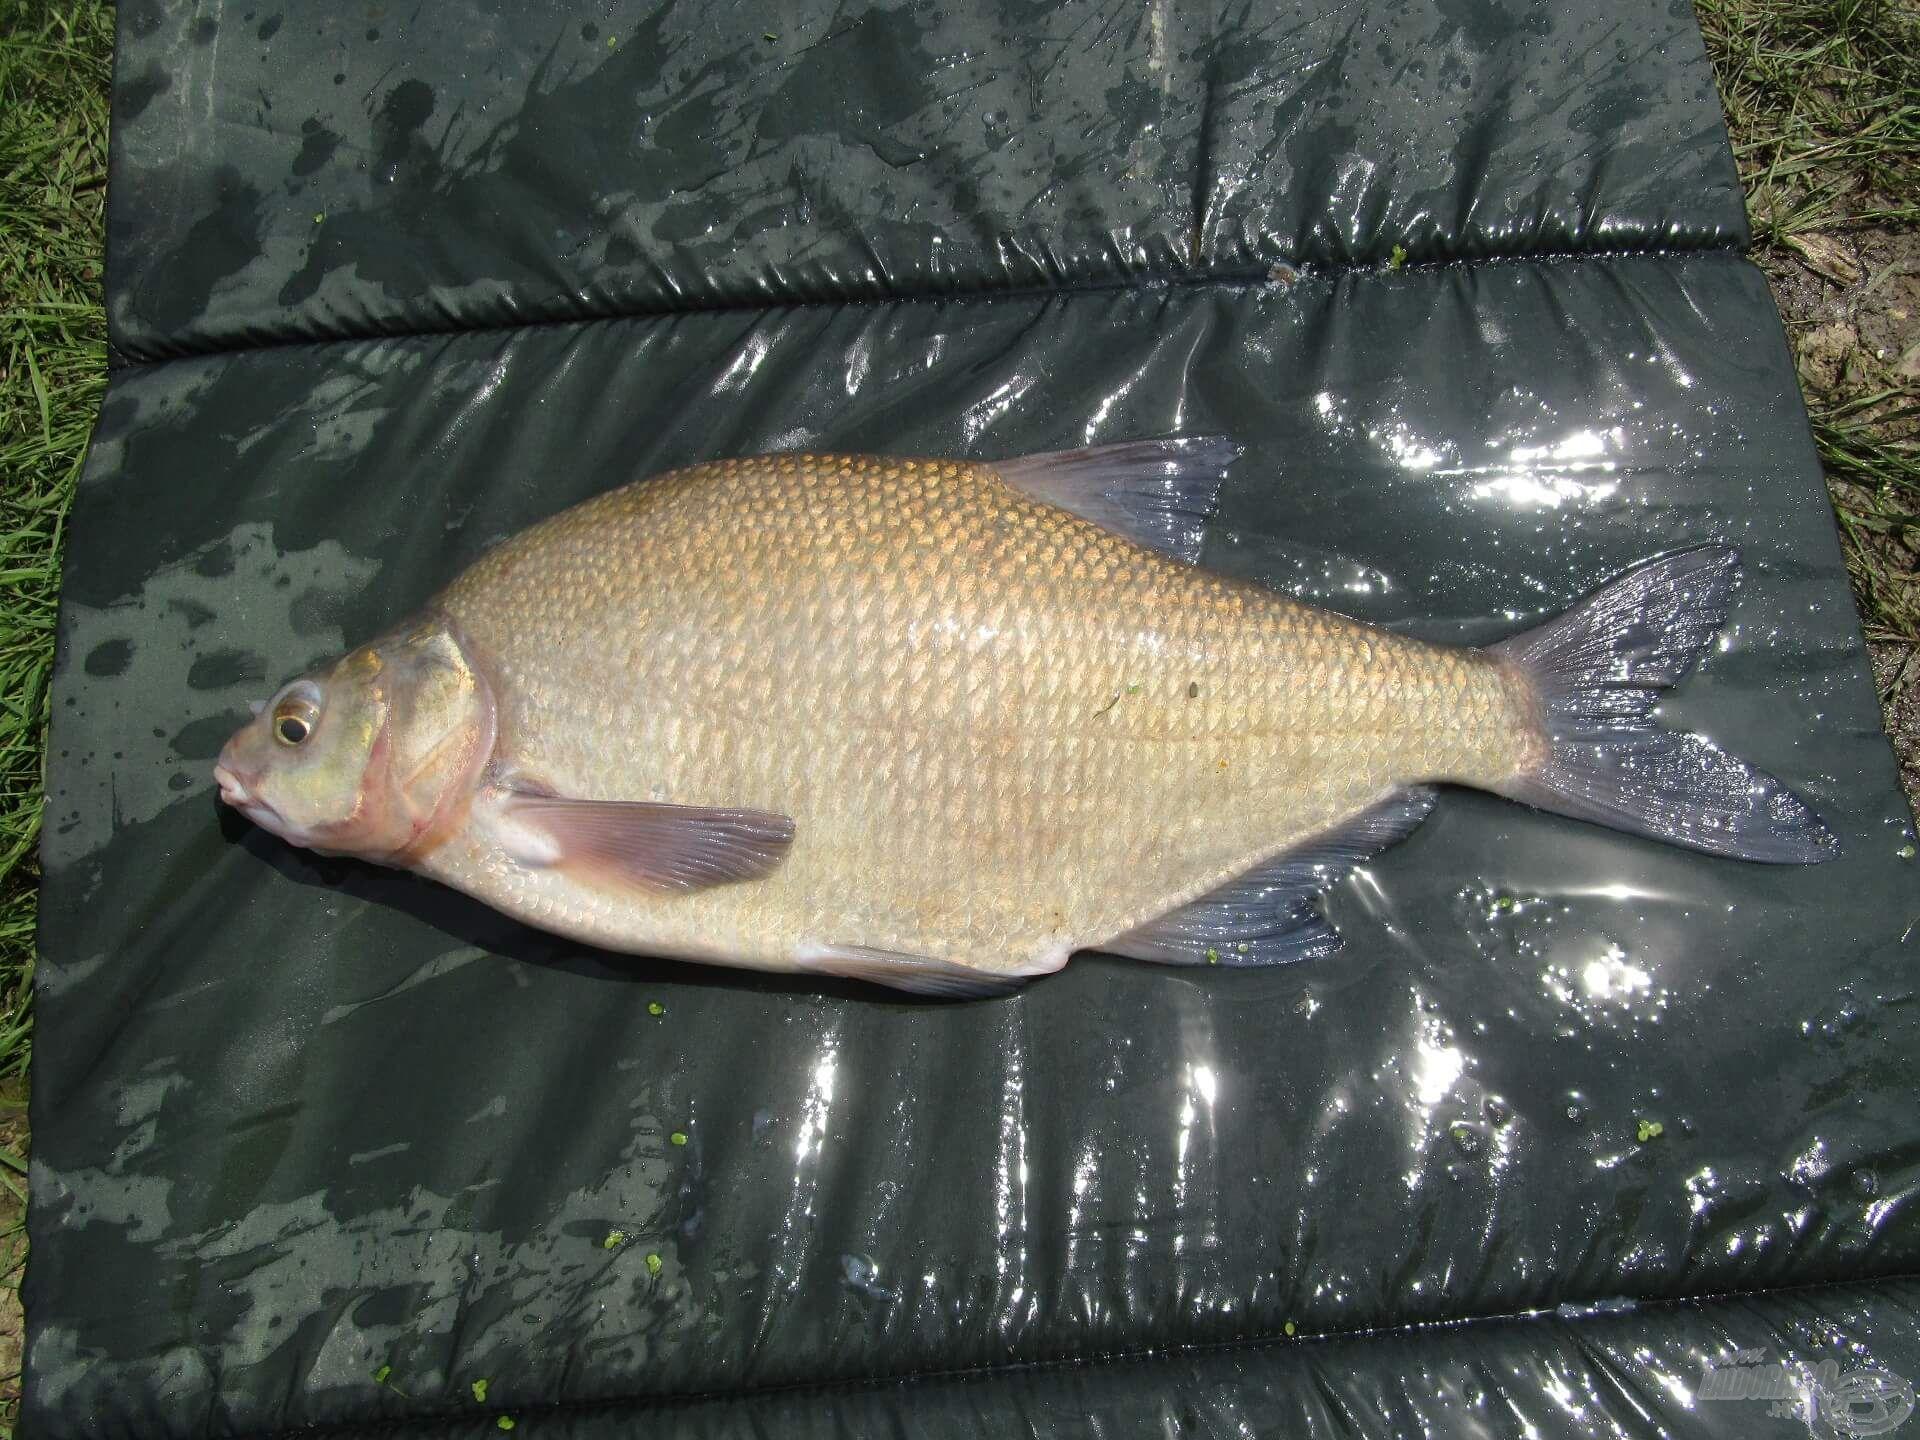 A dévérkeszeg az egyik kedvenc halam. Hihetetlenül boldog voltam, amikor összehozott a sors ezzel a gyönyörű példánnyal!